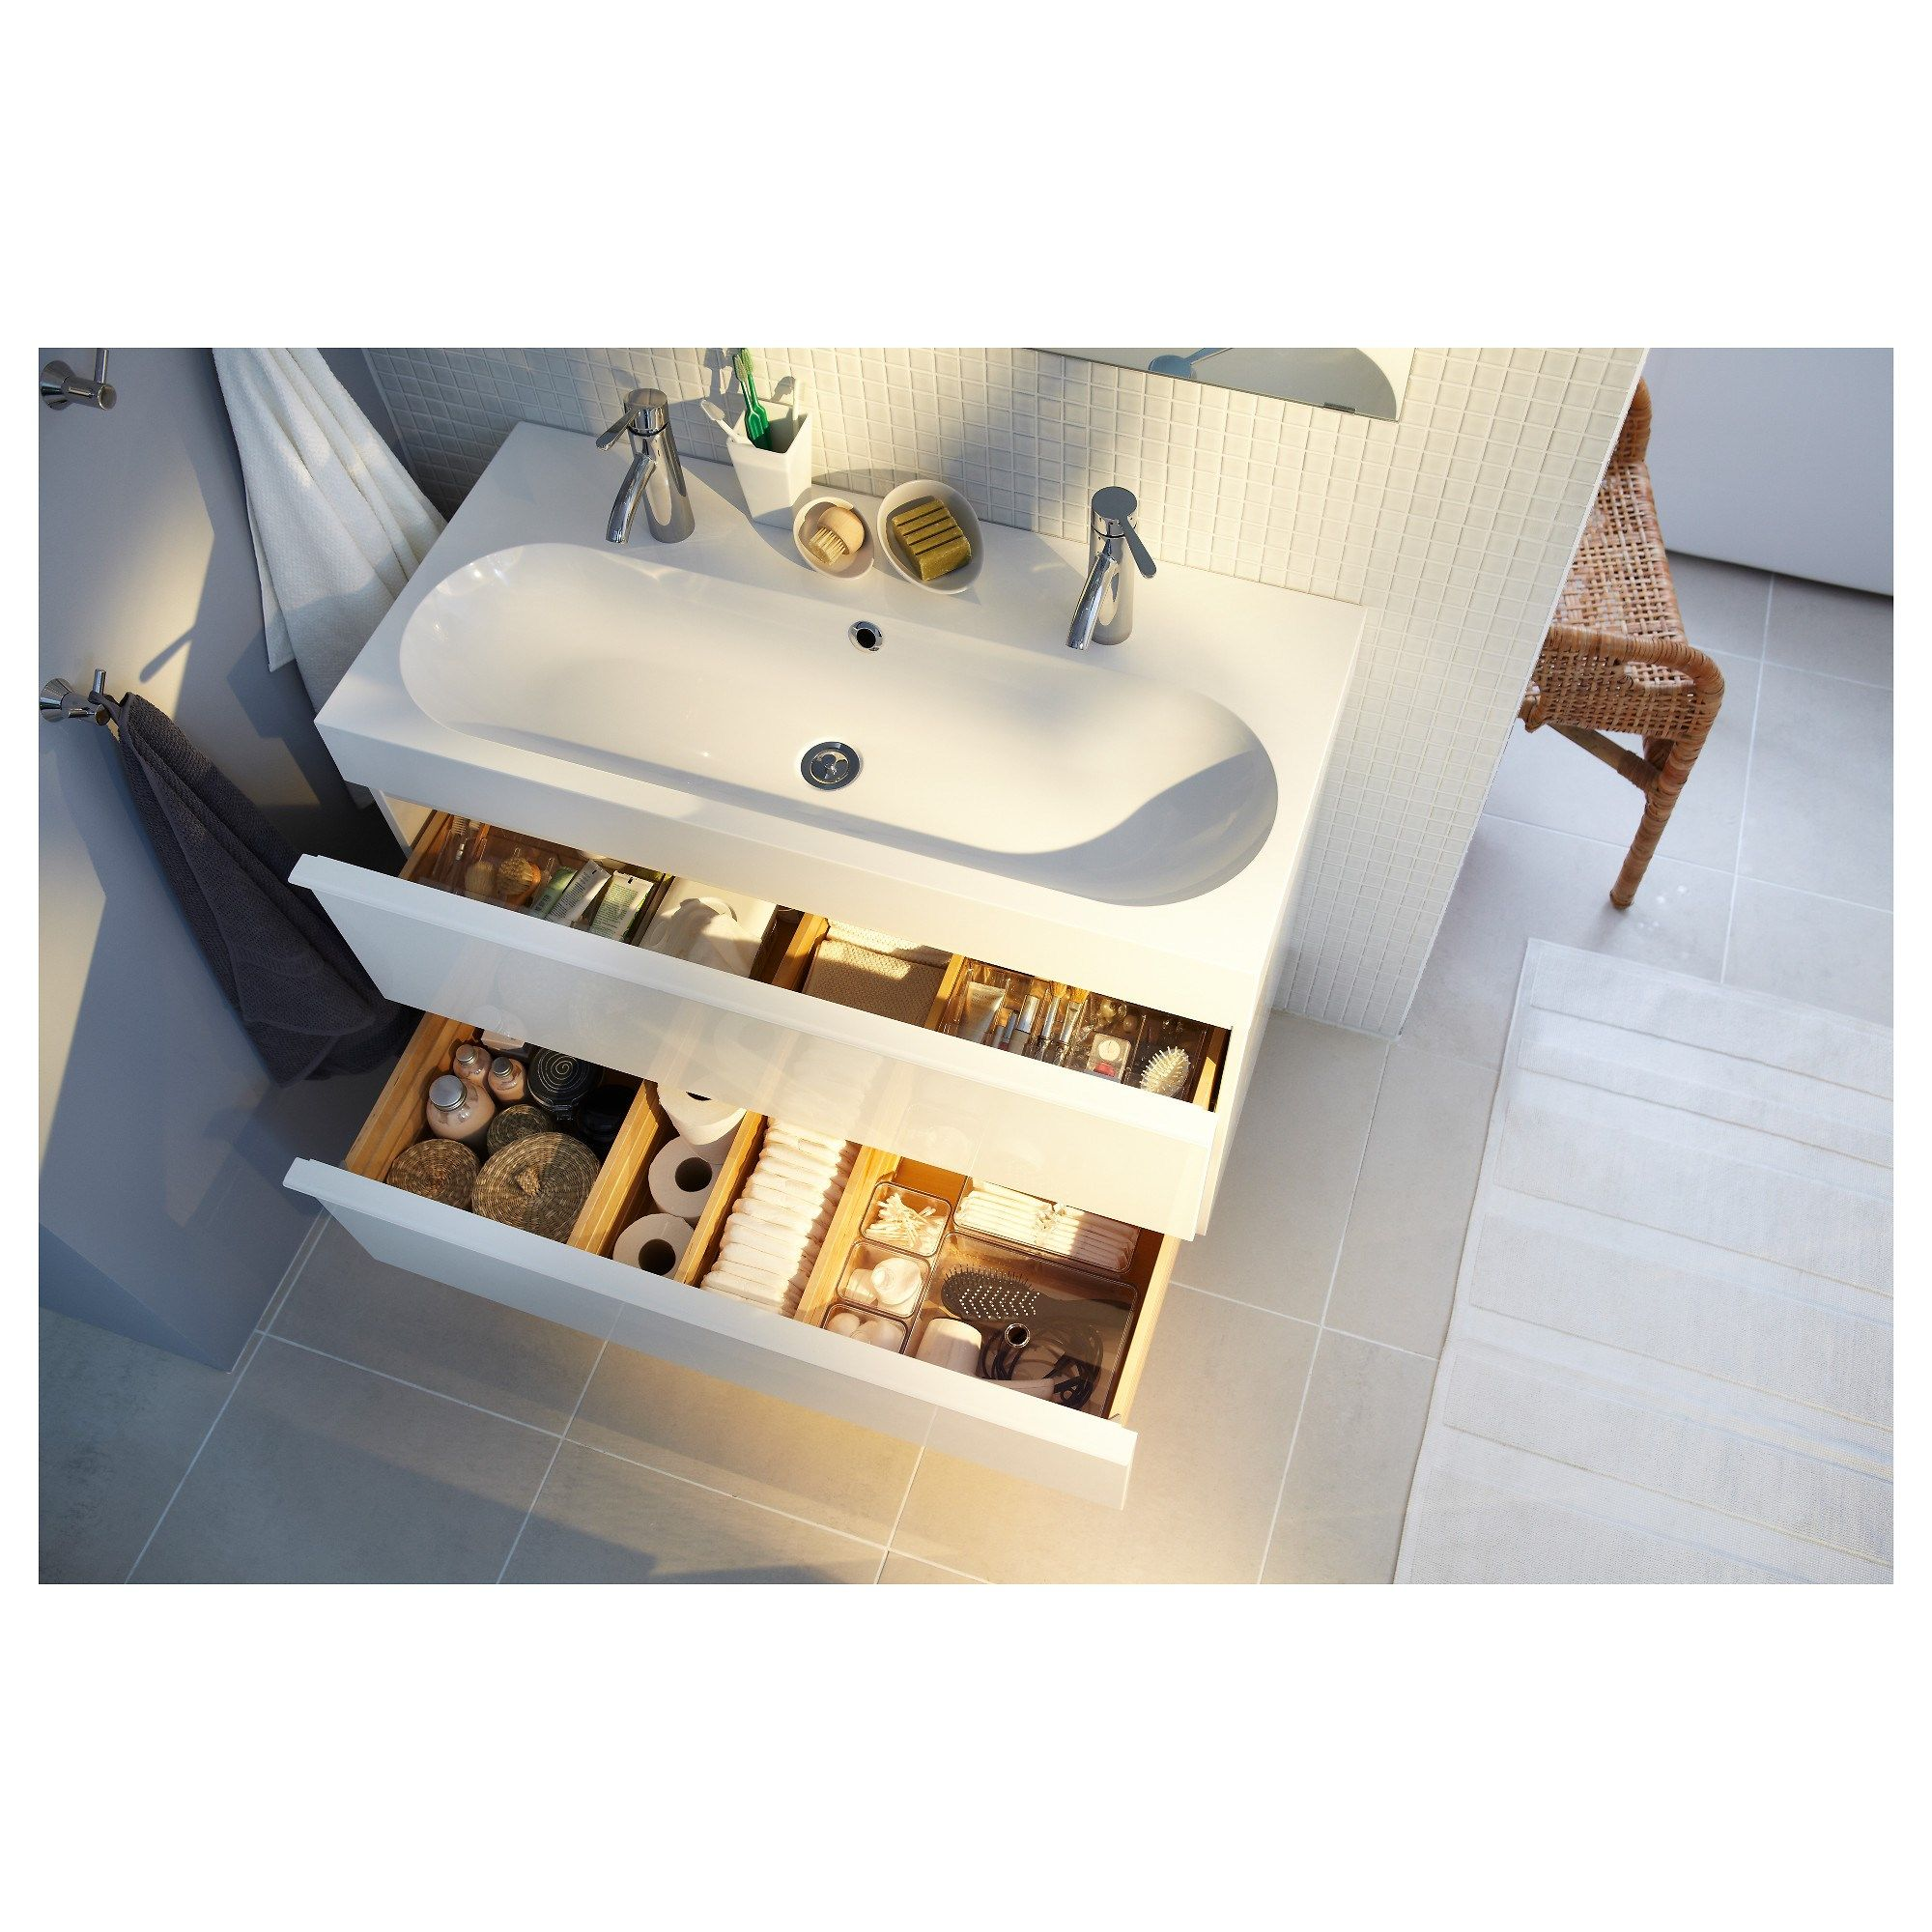 lavabo dolab parlak beyaz xx cm ikea trkiye